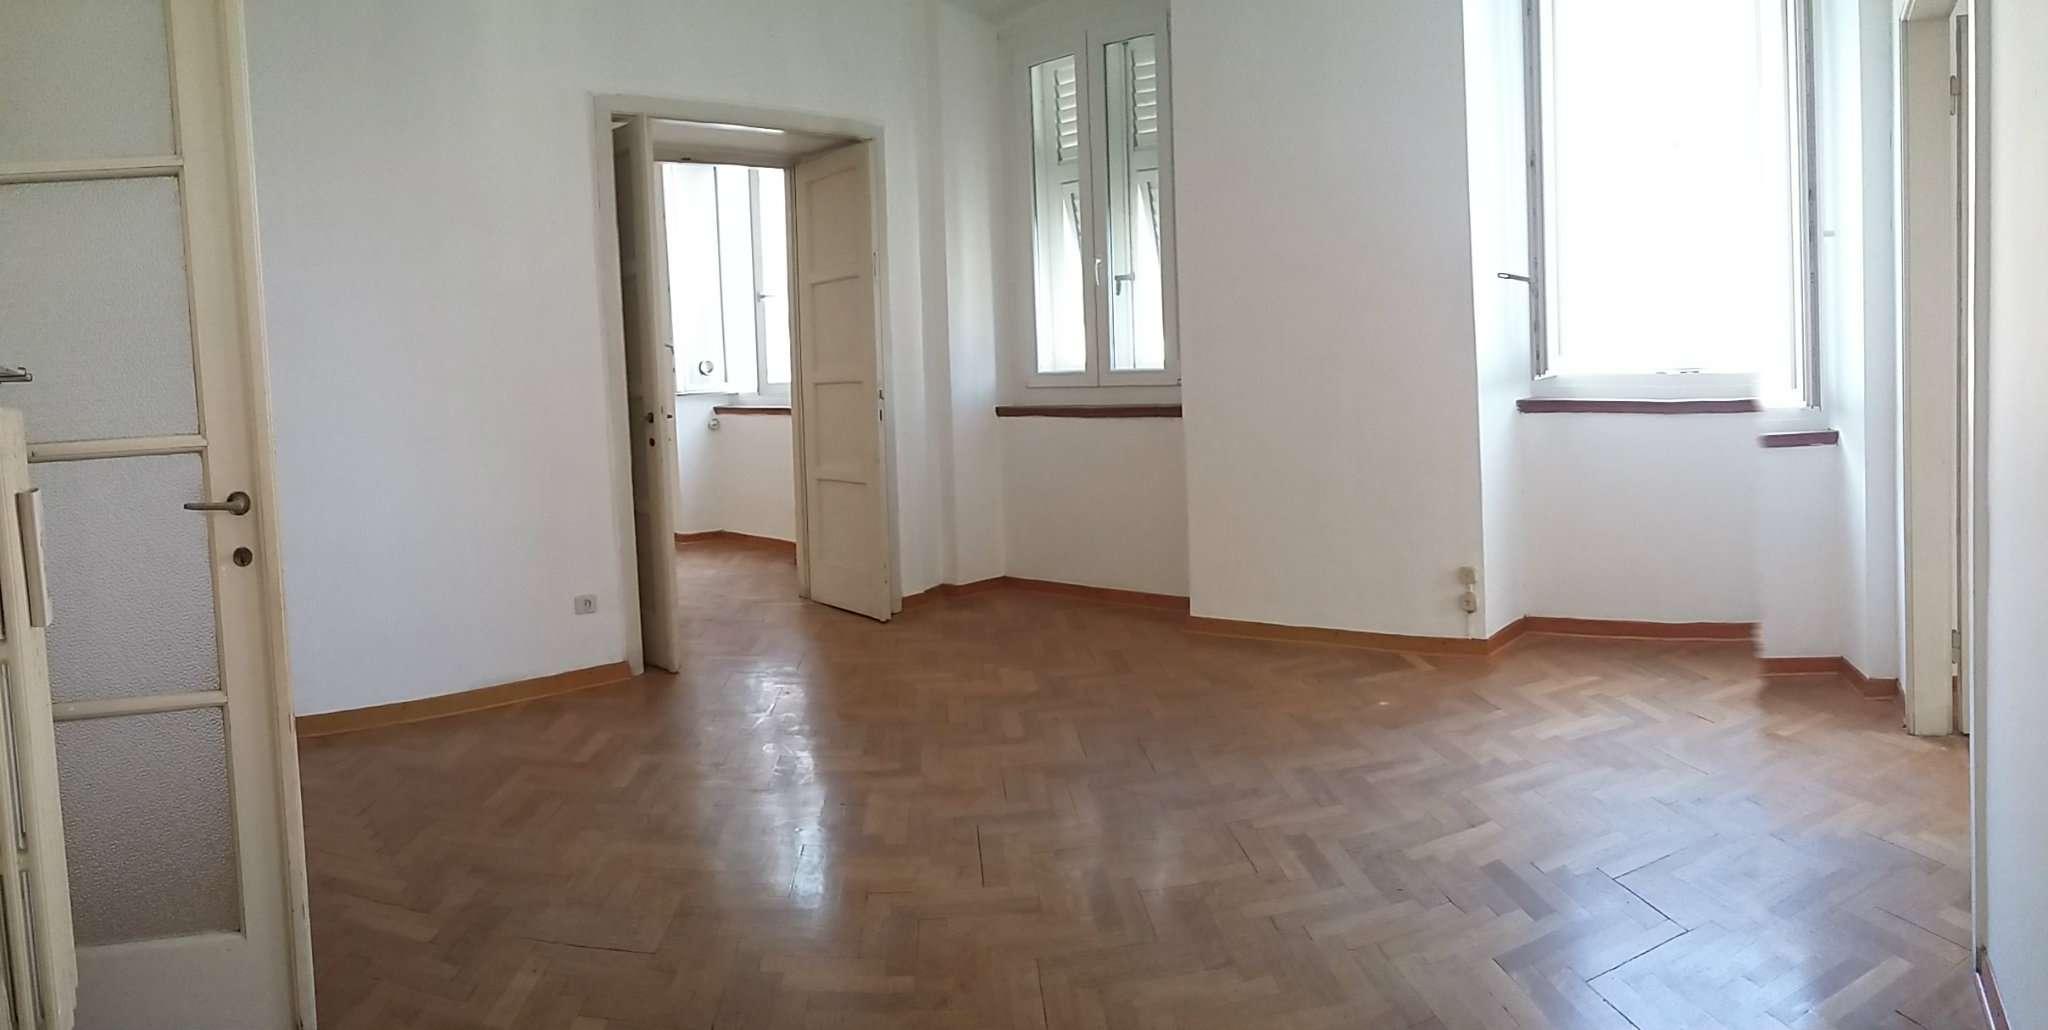 Appartamento in vendita a Trieste, 4 locali, prezzo € 220.000 | Cambio Casa.it